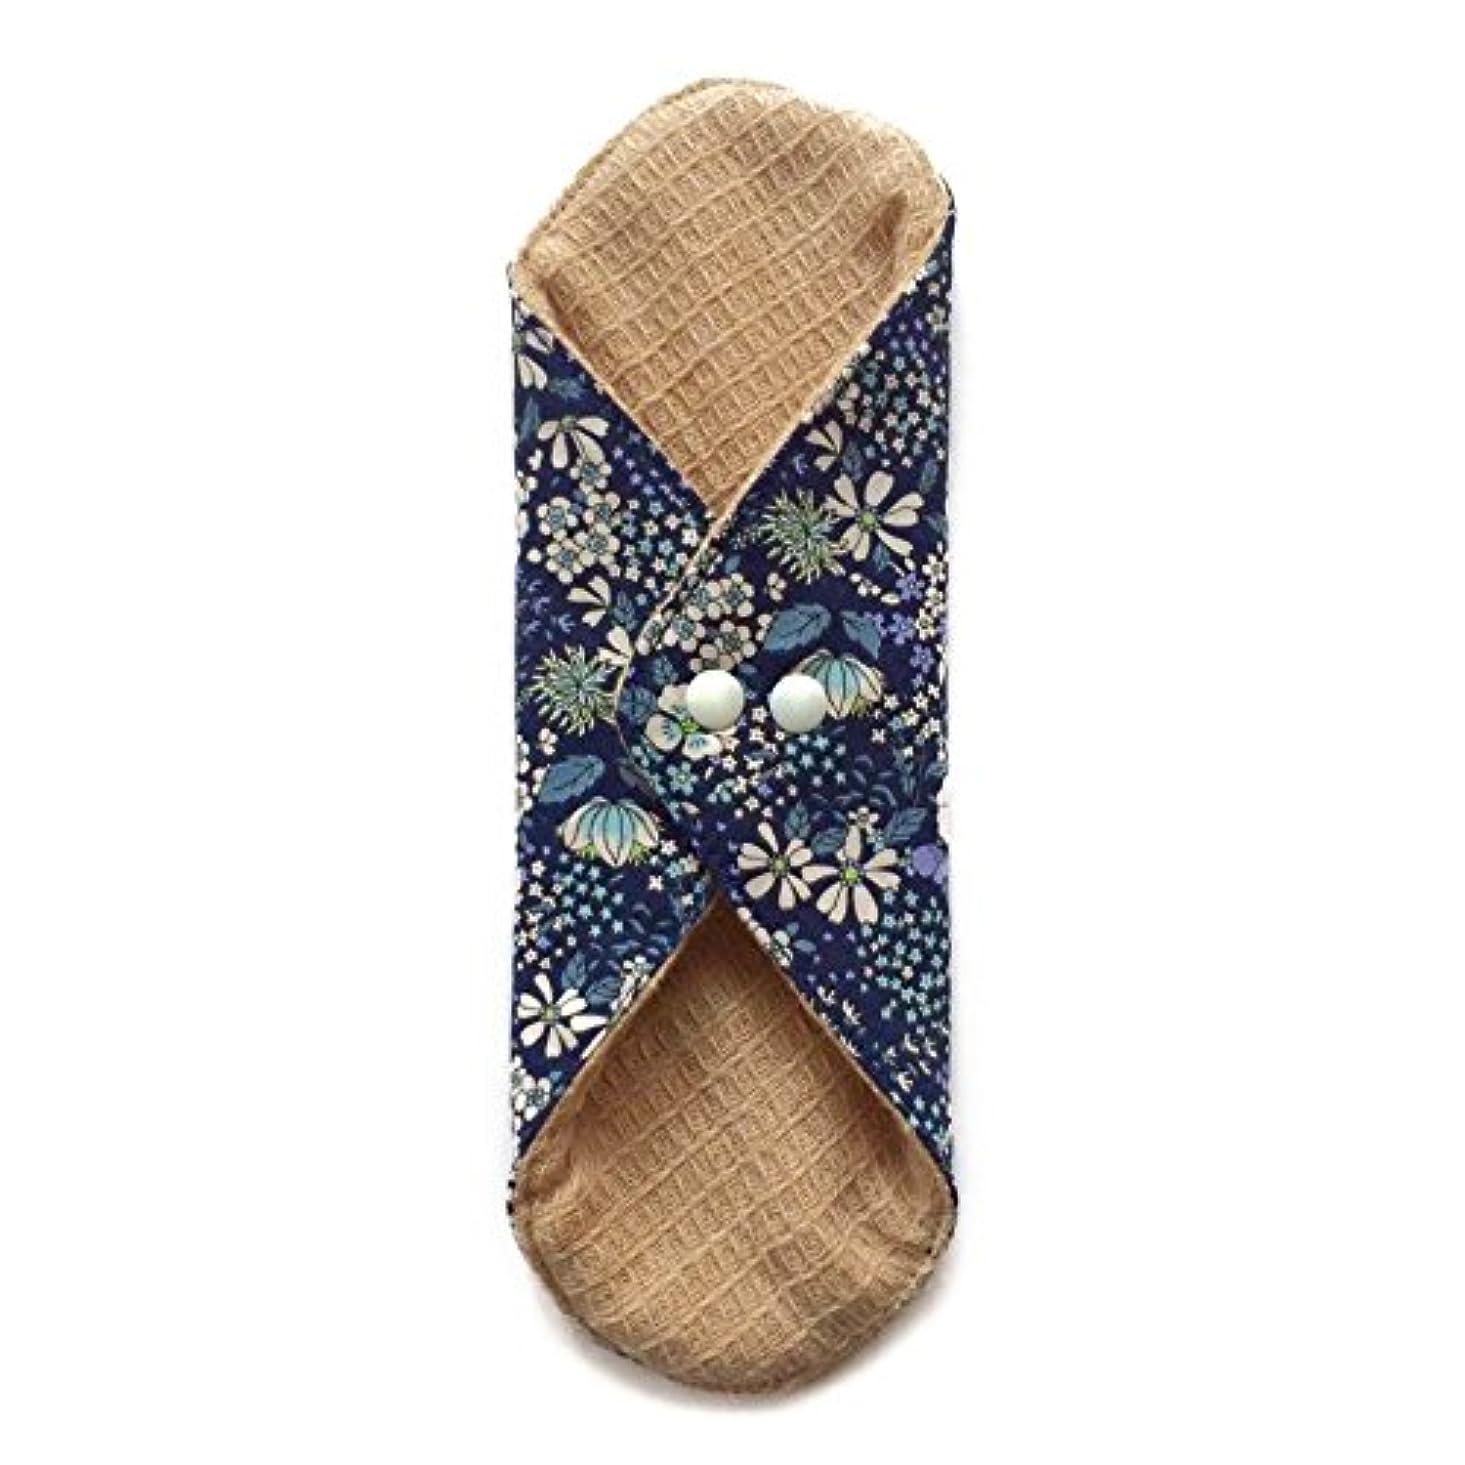 ウェブゆでるふつう華布のオーガニックコットンの極み あたため布 Lサイズ (約18×約20.5×約0.6cm) 雅(ネイビー)